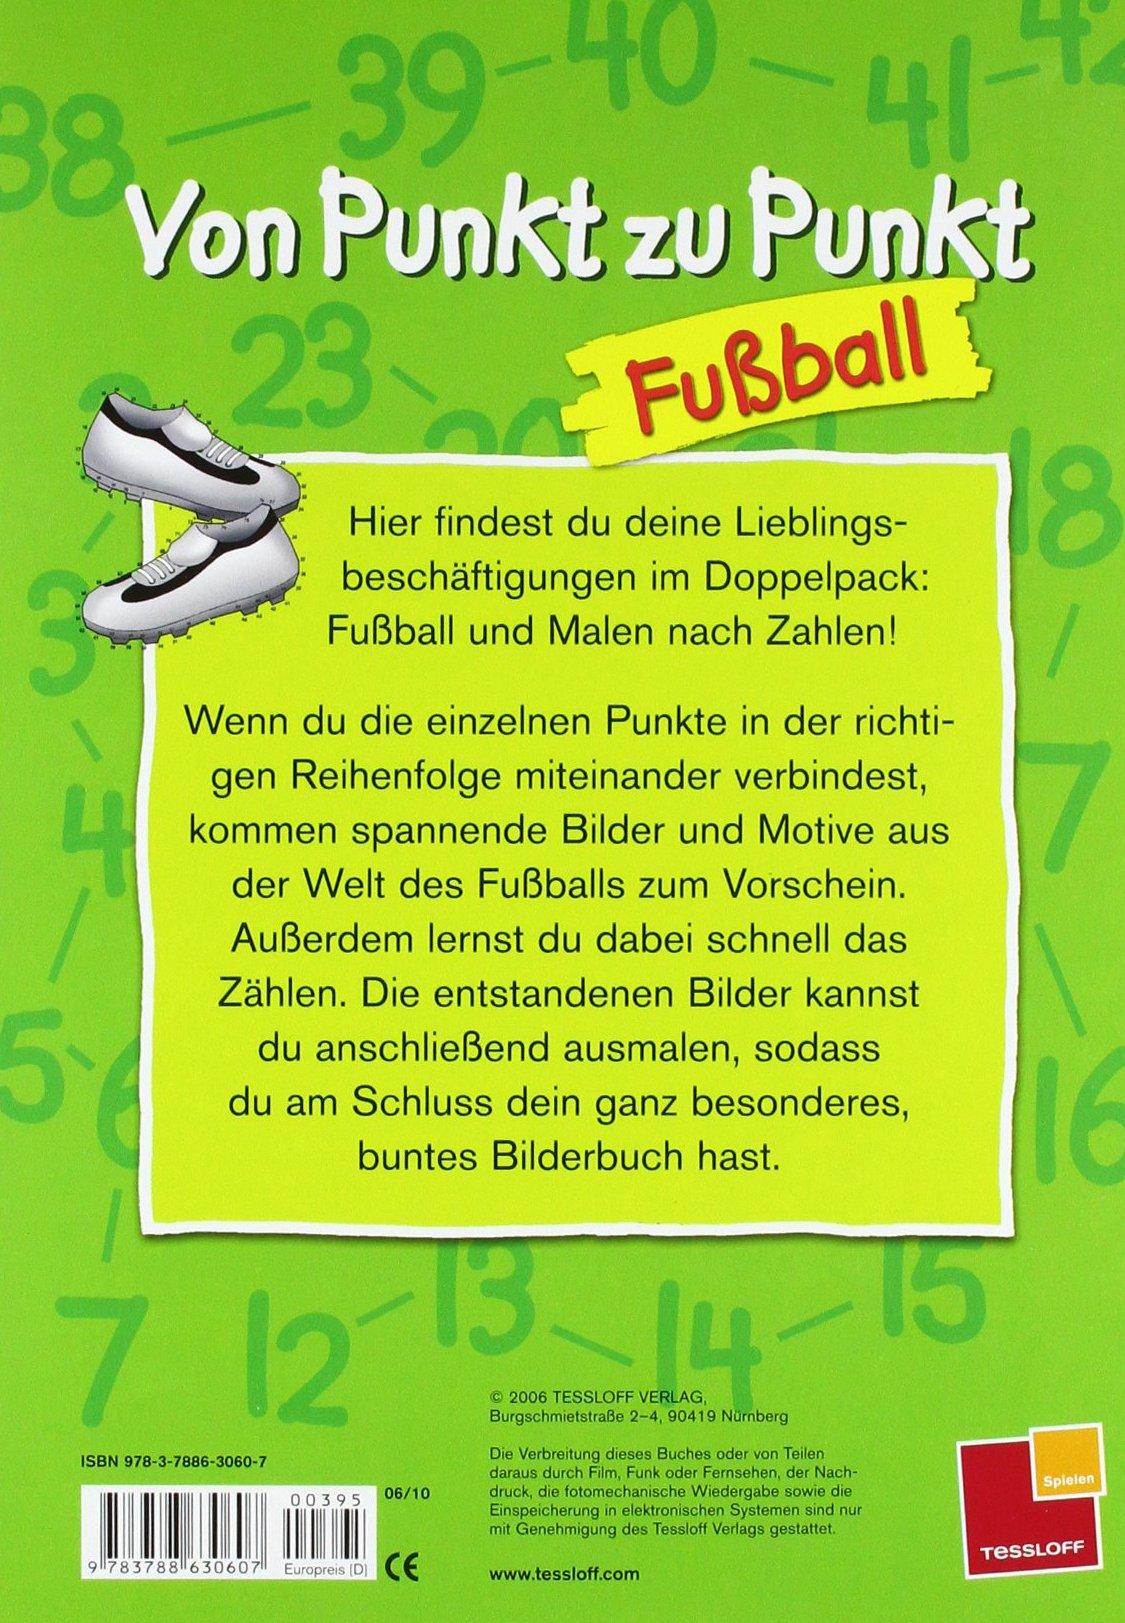 Von Punkt zu Punkt Fußball. Malbuch ab 6 Jahren: Amazon.de: Karl ...